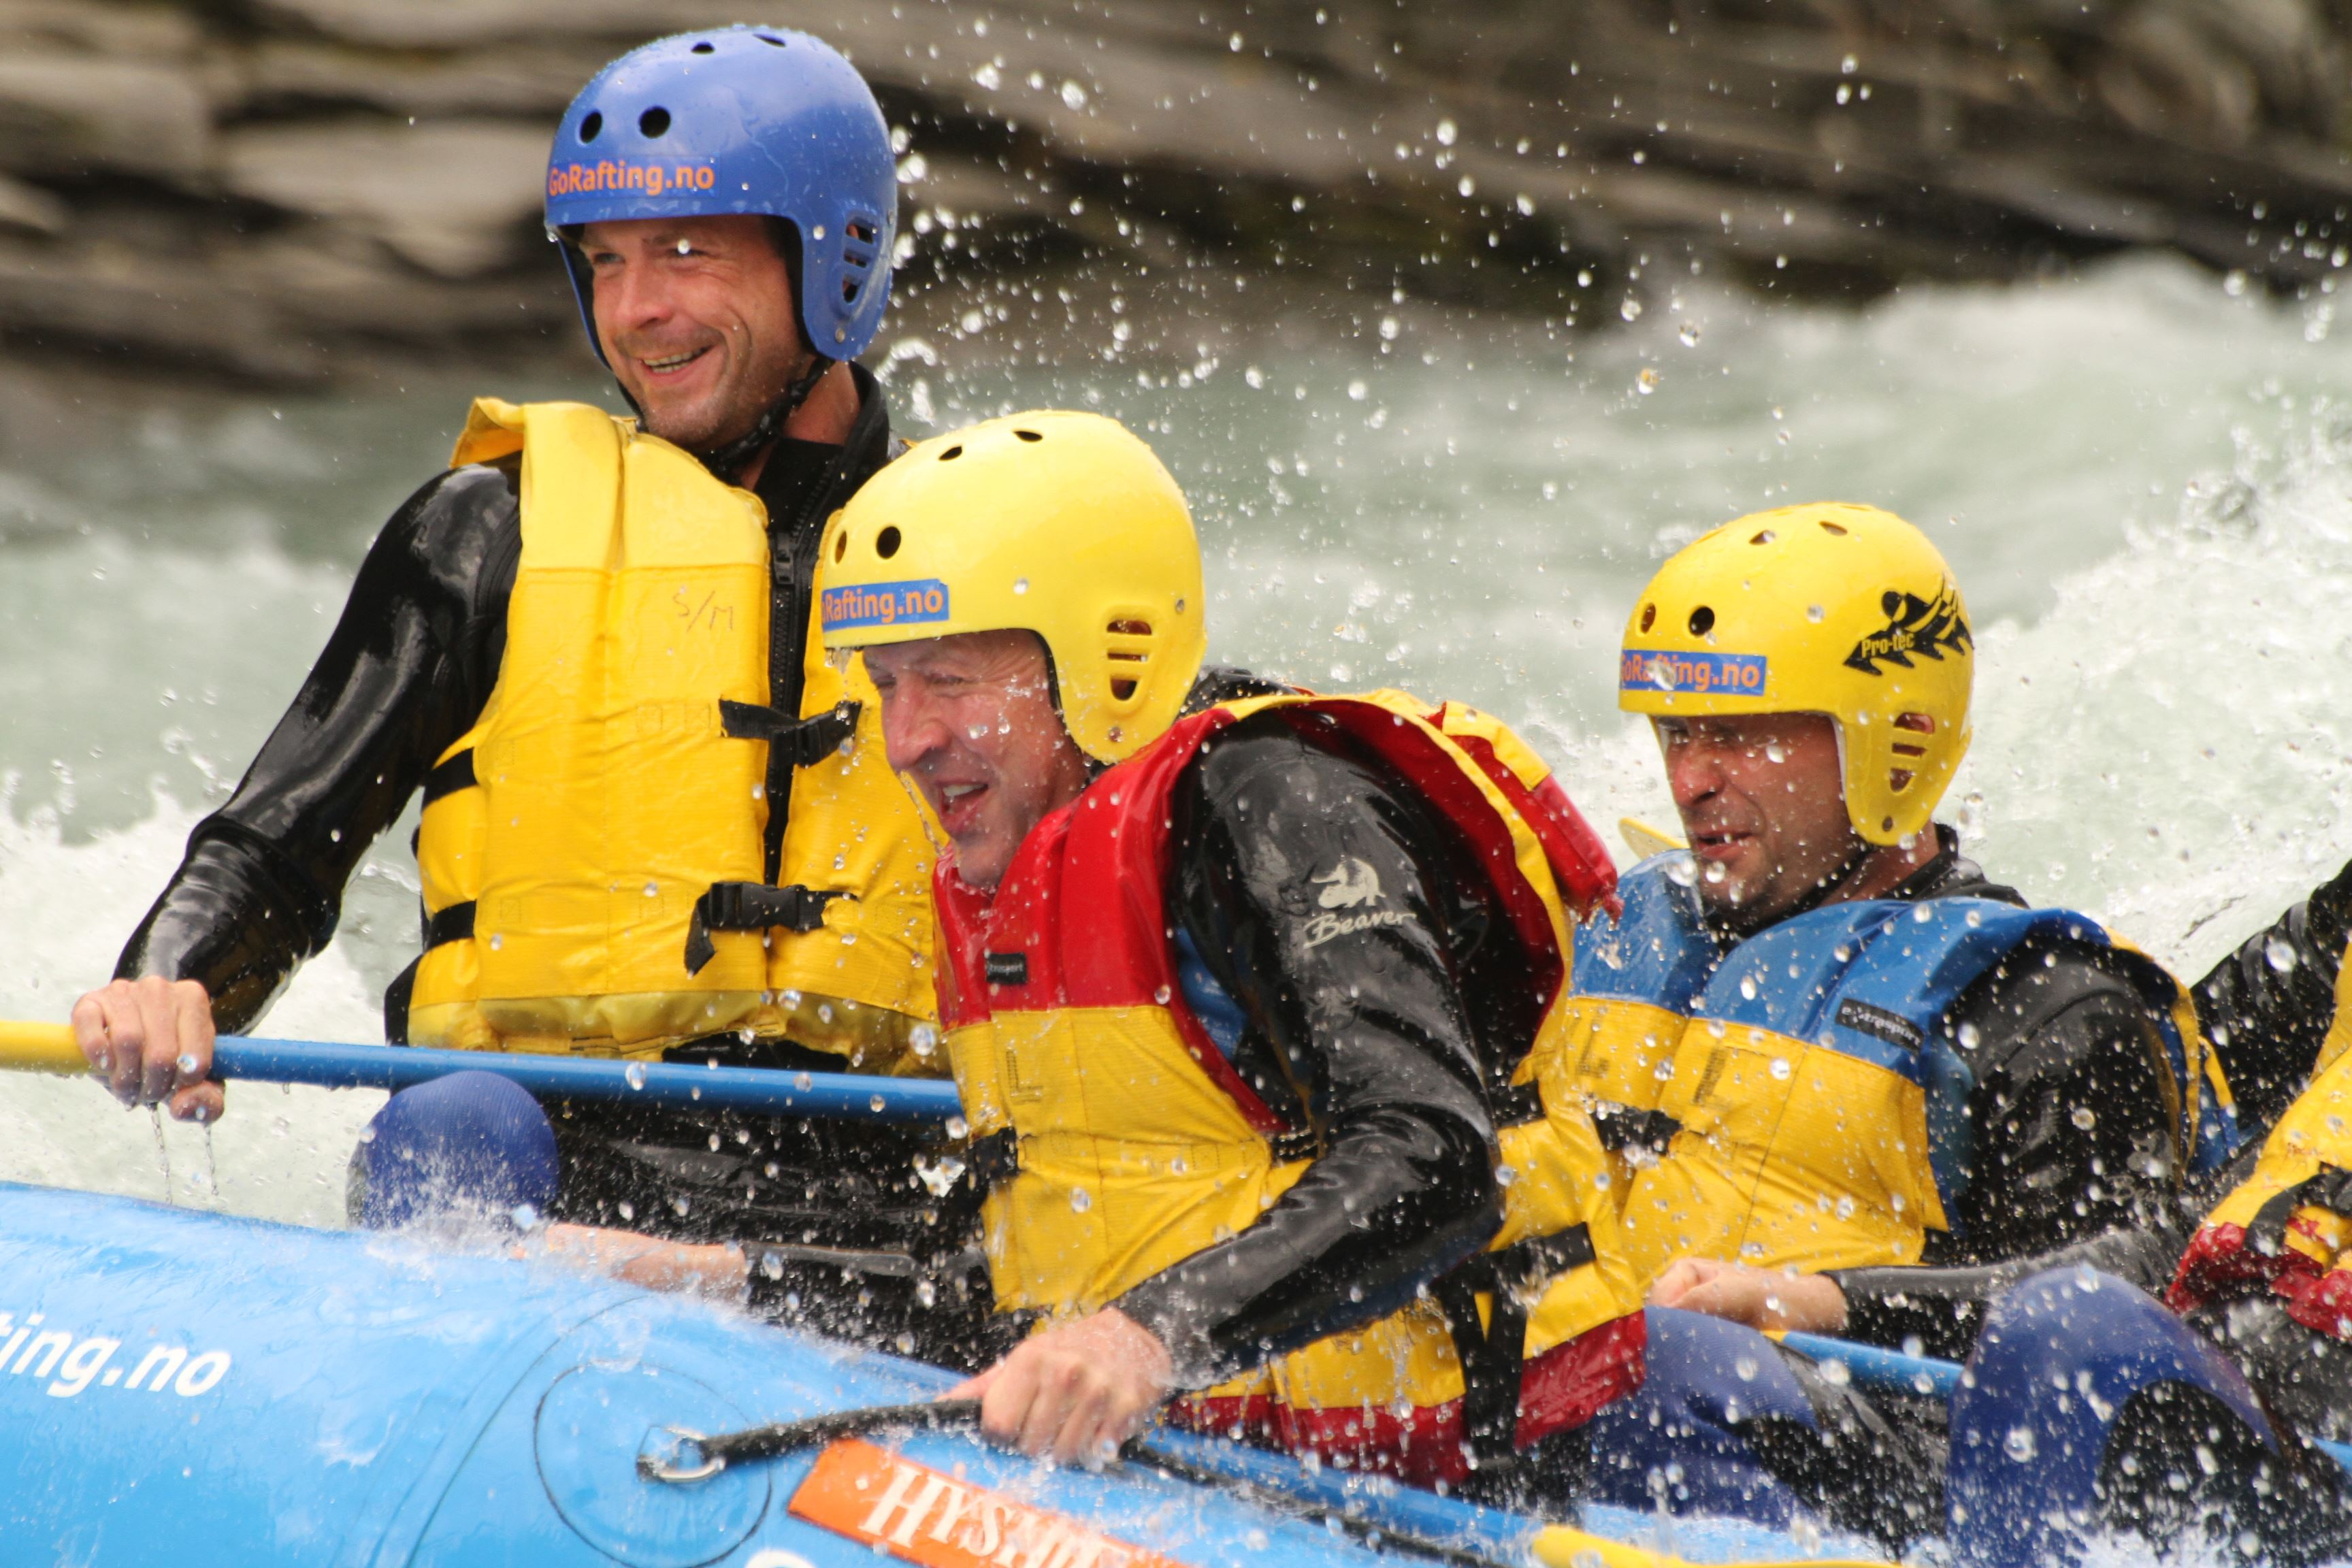 Sjoa Double, Rafting